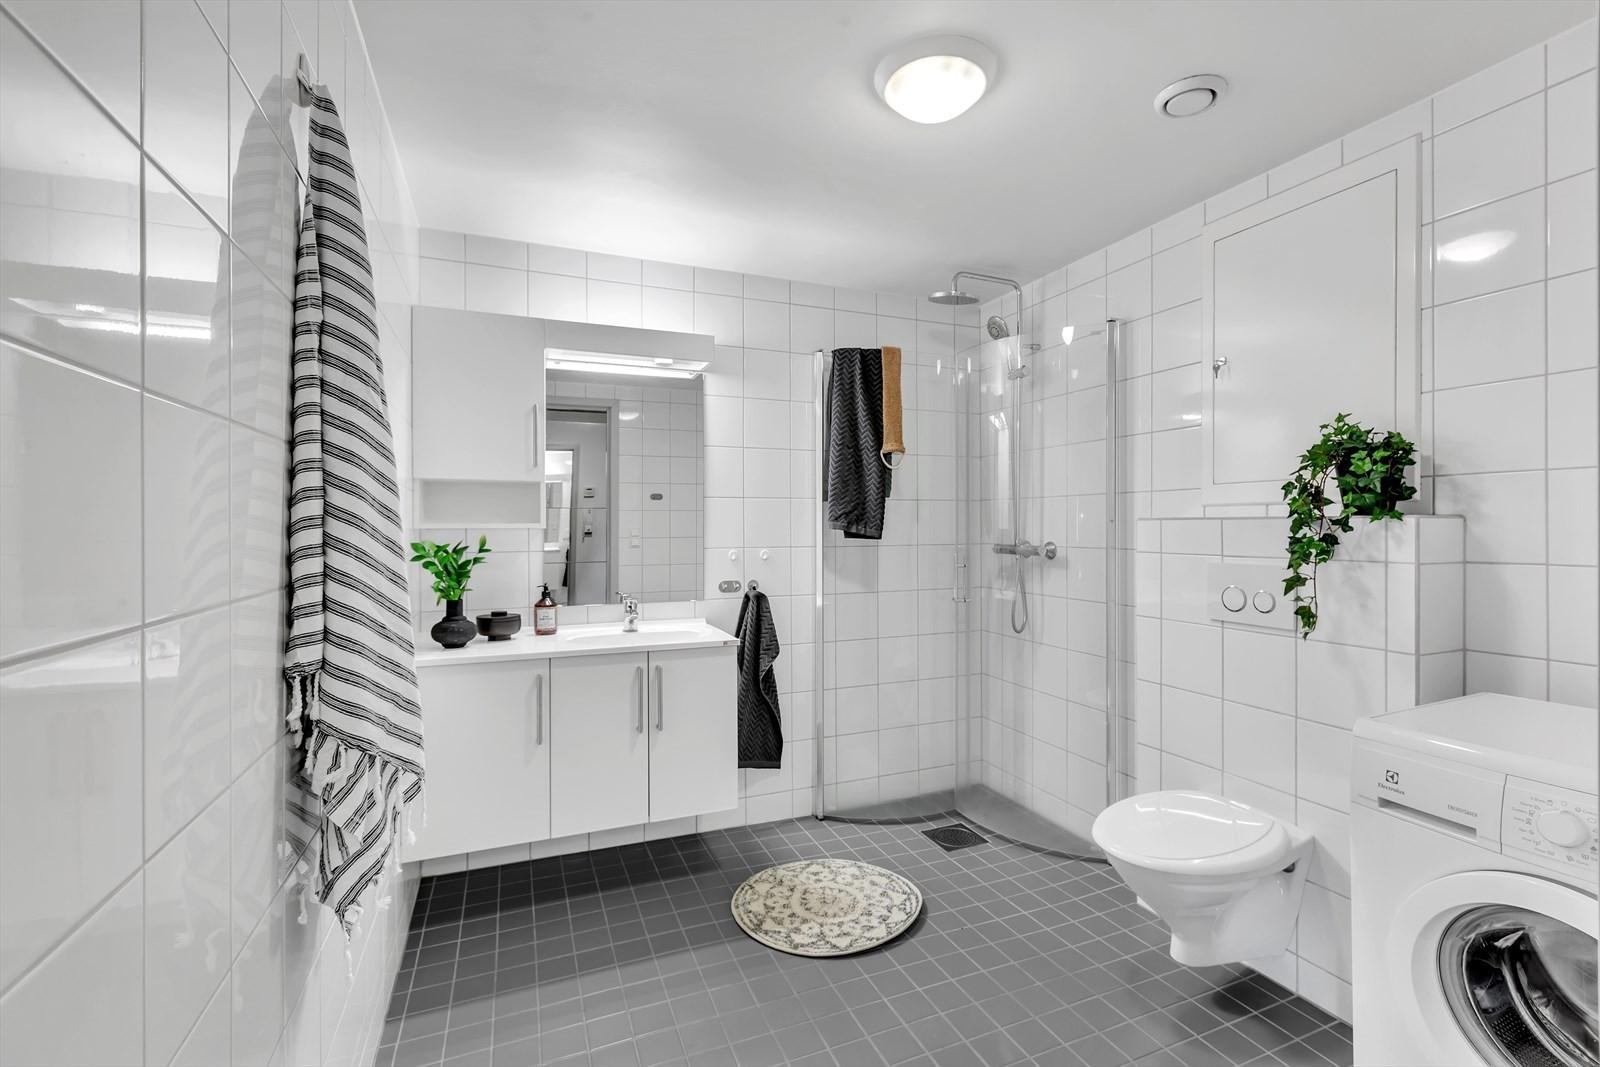 Romslig og komplett flislagt bad. Vegghengt toalett og dusjhjørne.